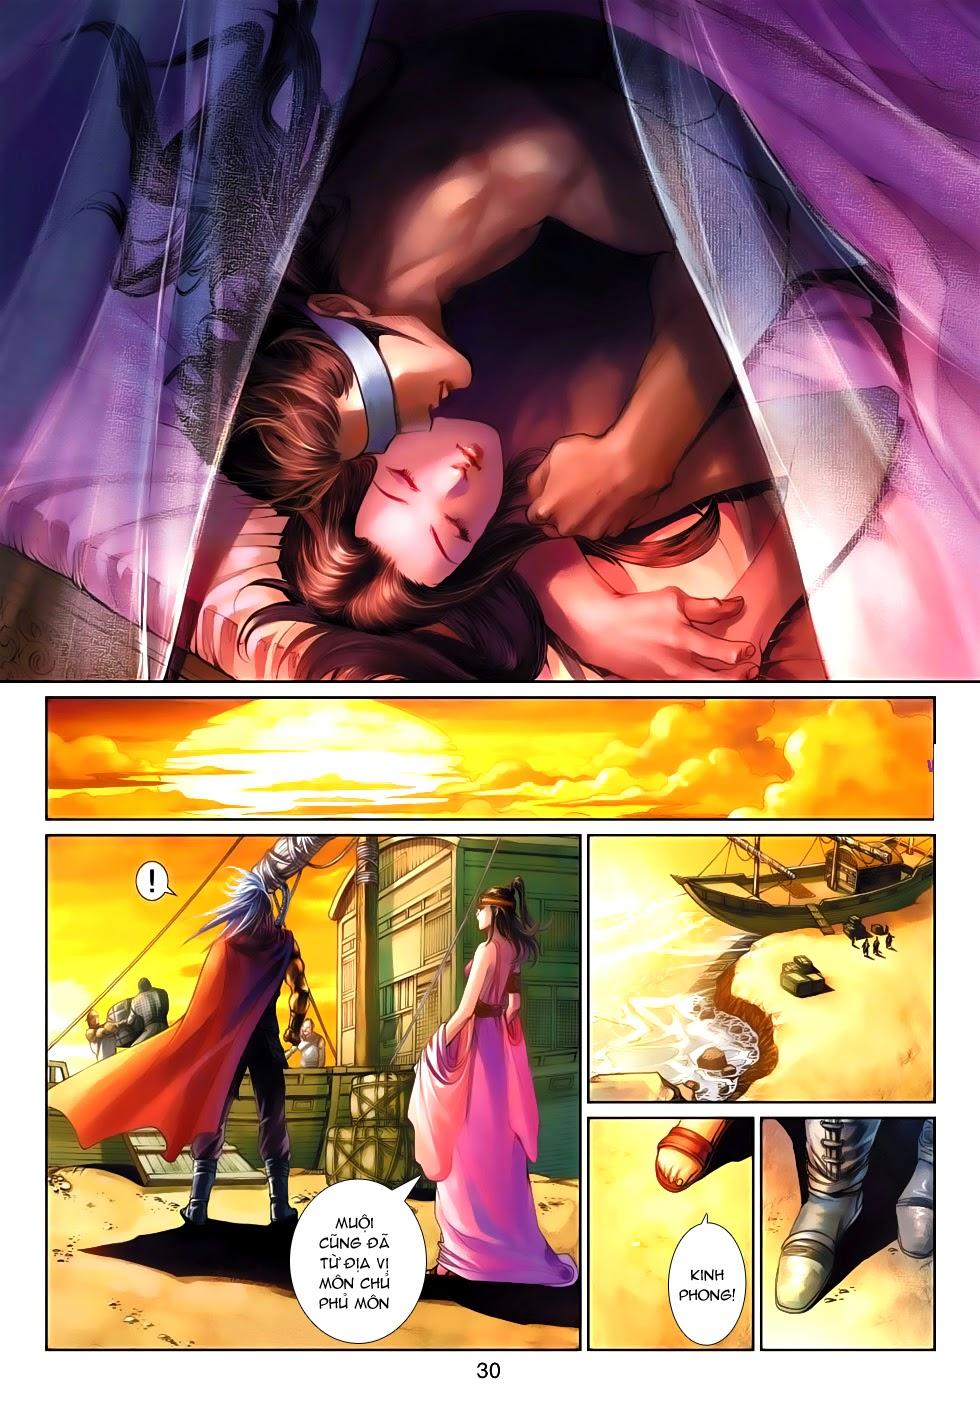 Thần Binh Tiền Truyện 4 - Huyền Thiên Tà Đế chap 9 - Trang 30